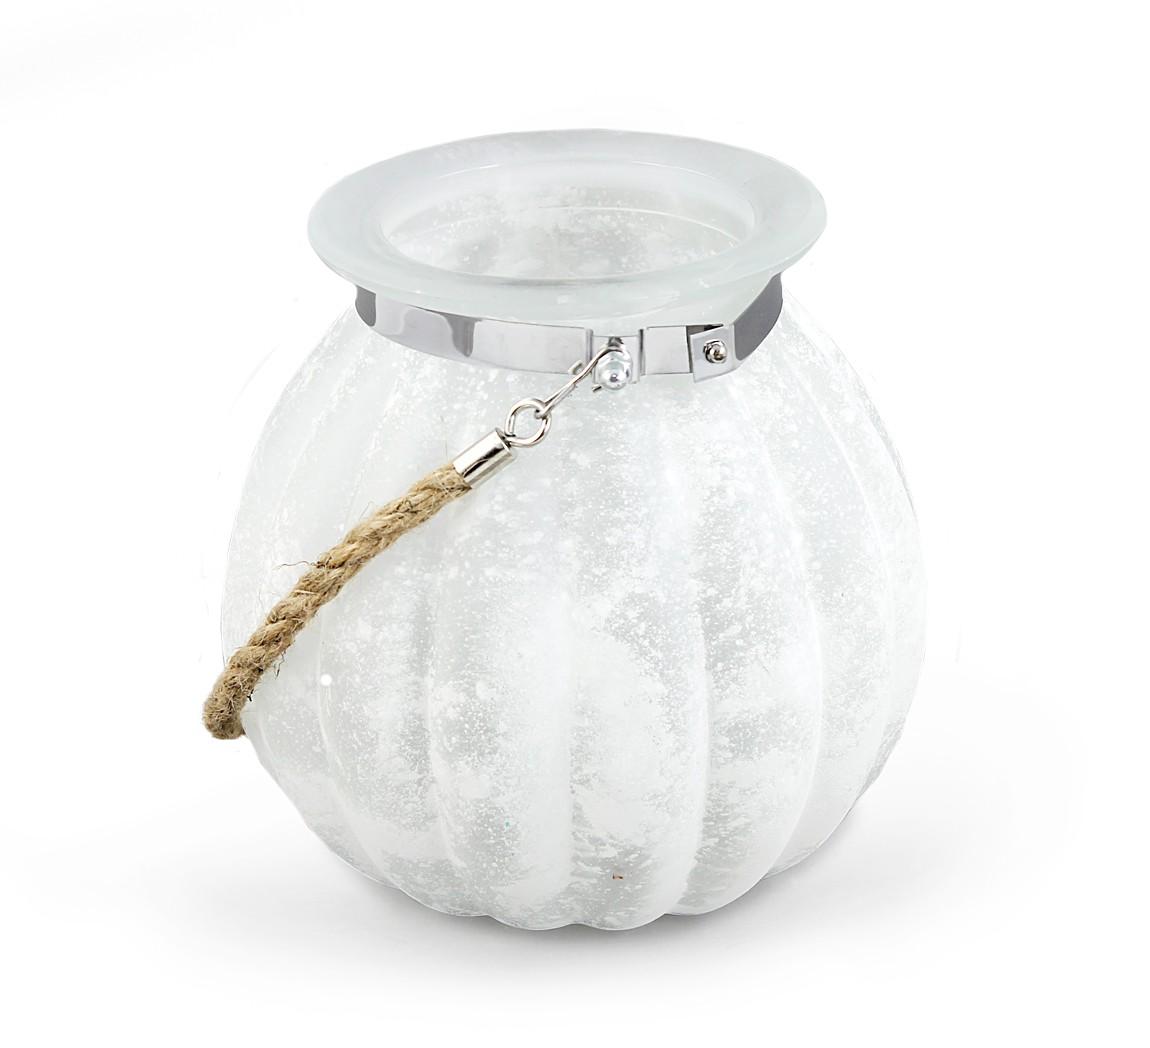 windlicht glaslicht kugelglas maritim 17 5 cm x 18 5 cm hoch aus glas milchig wei gespritzt. Black Bedroom Furniture Sets. Home Design Ideas